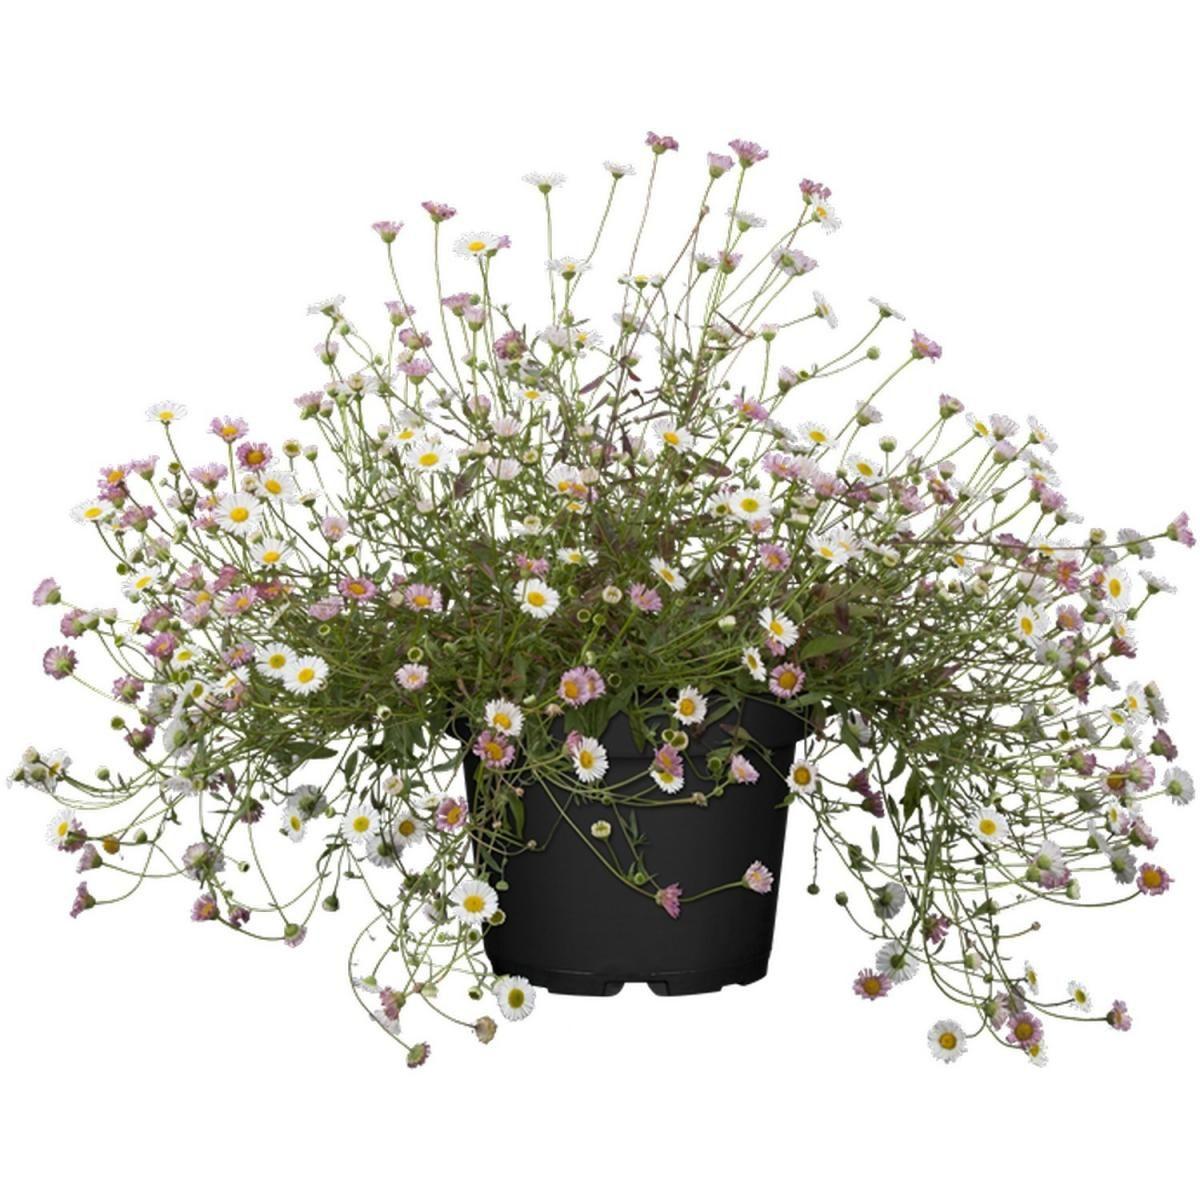 Ganseblumchen Verschiedene Farben Kaufen Bei Hellweg De Kubelpflanzen